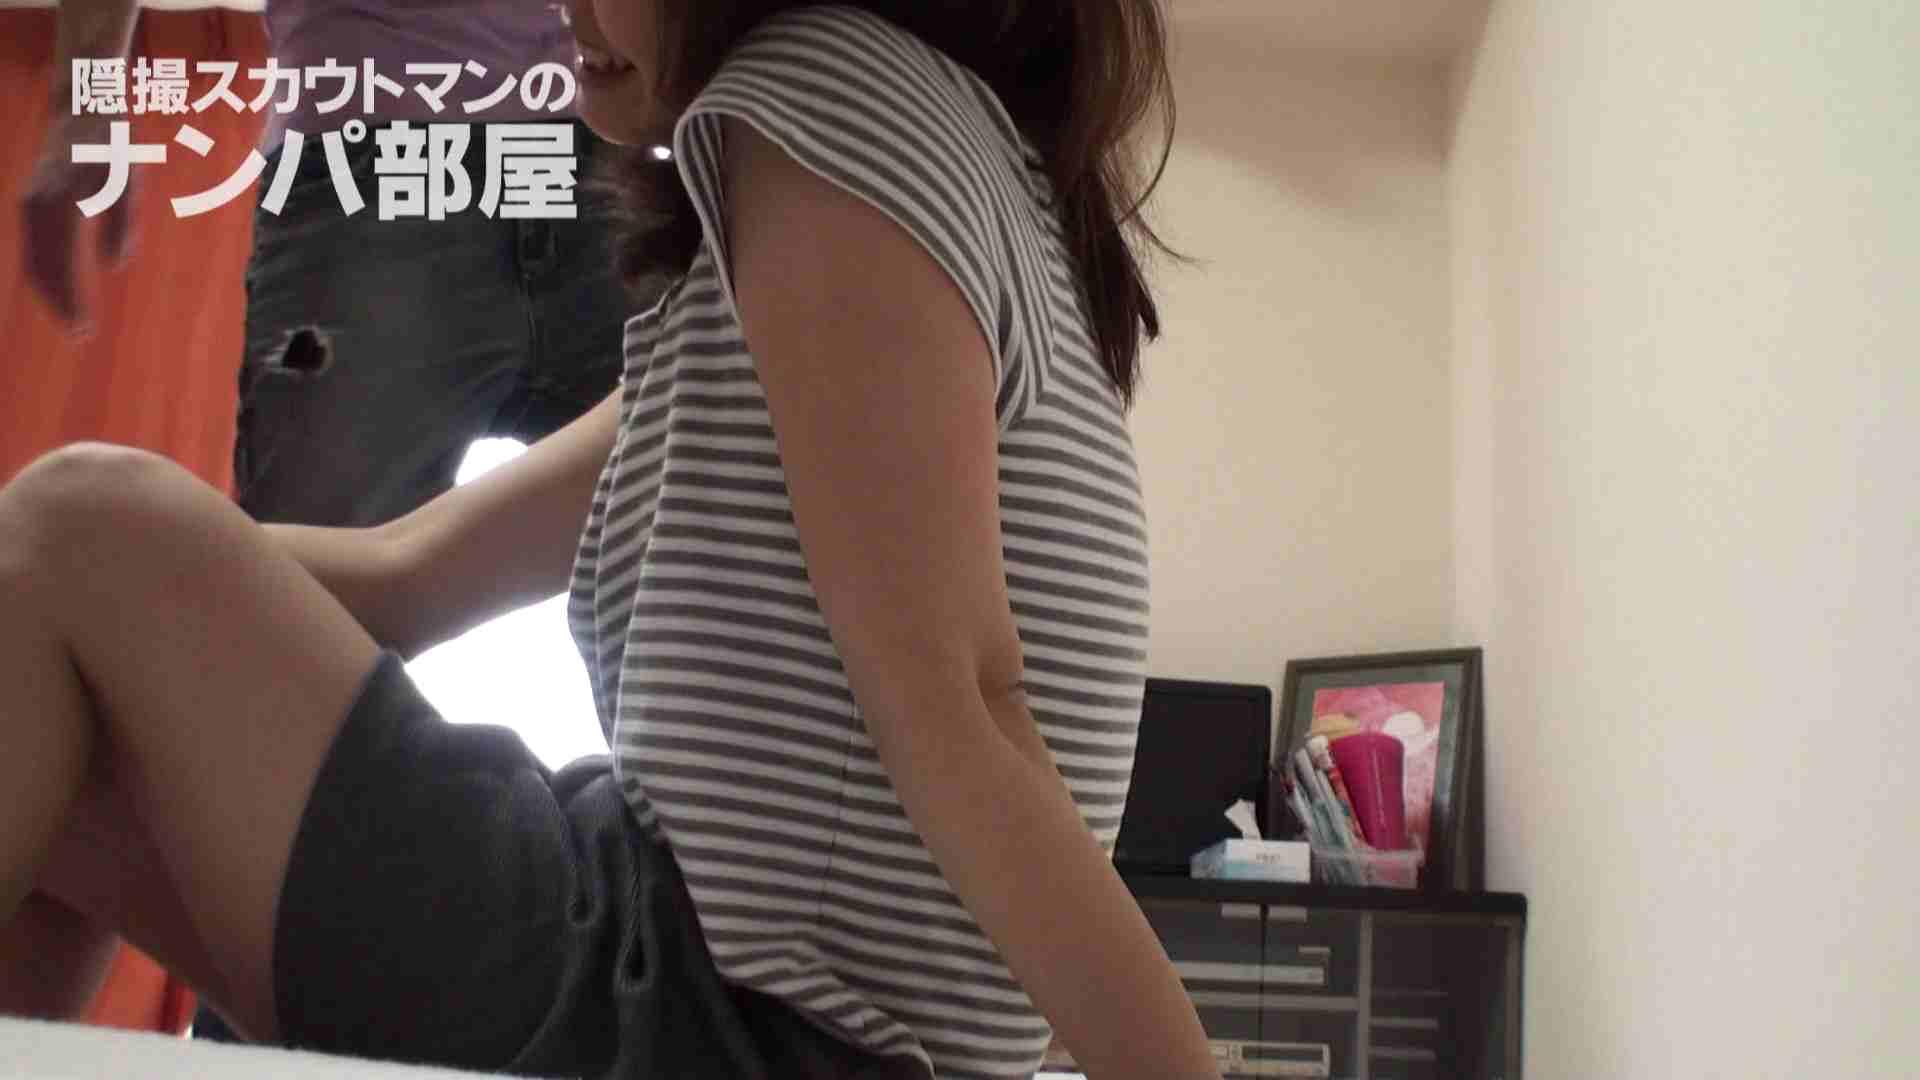 隠撮スカウトマンのナンパ部屋~風俗デビュー前のつまみ食い~ siivol.3 ナンパ  90連発 11